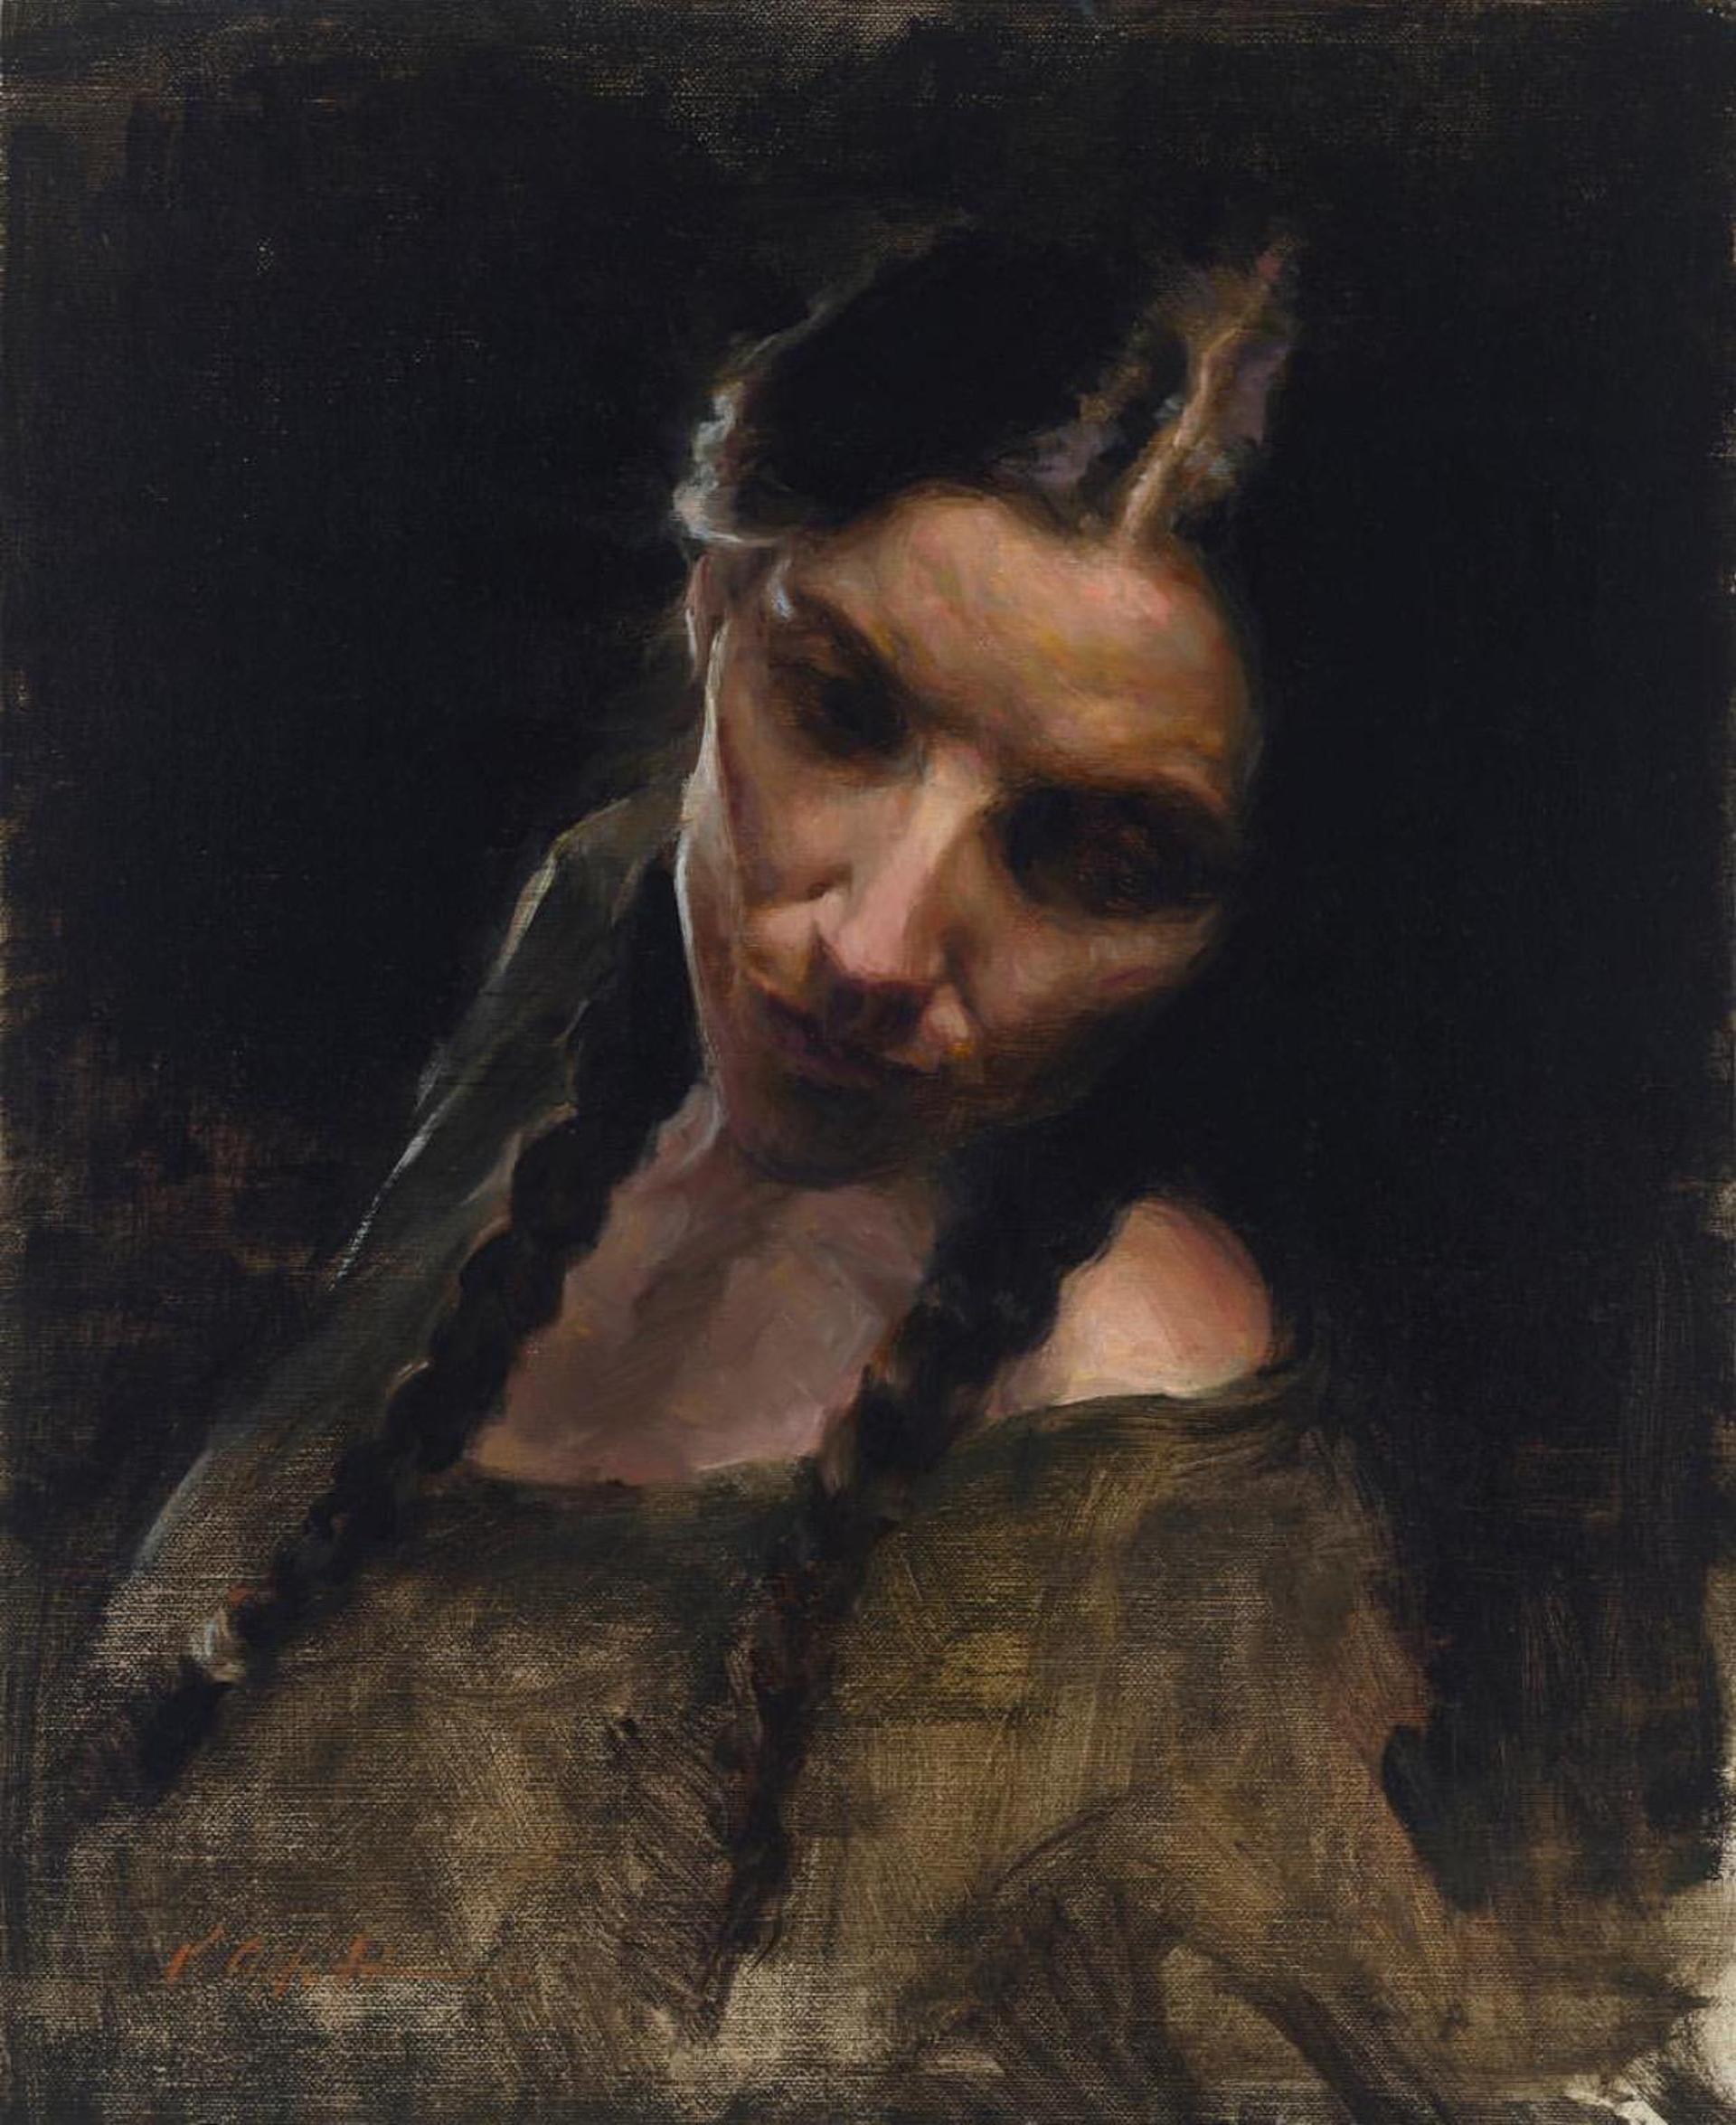 From the Shadows by Karen Offutt